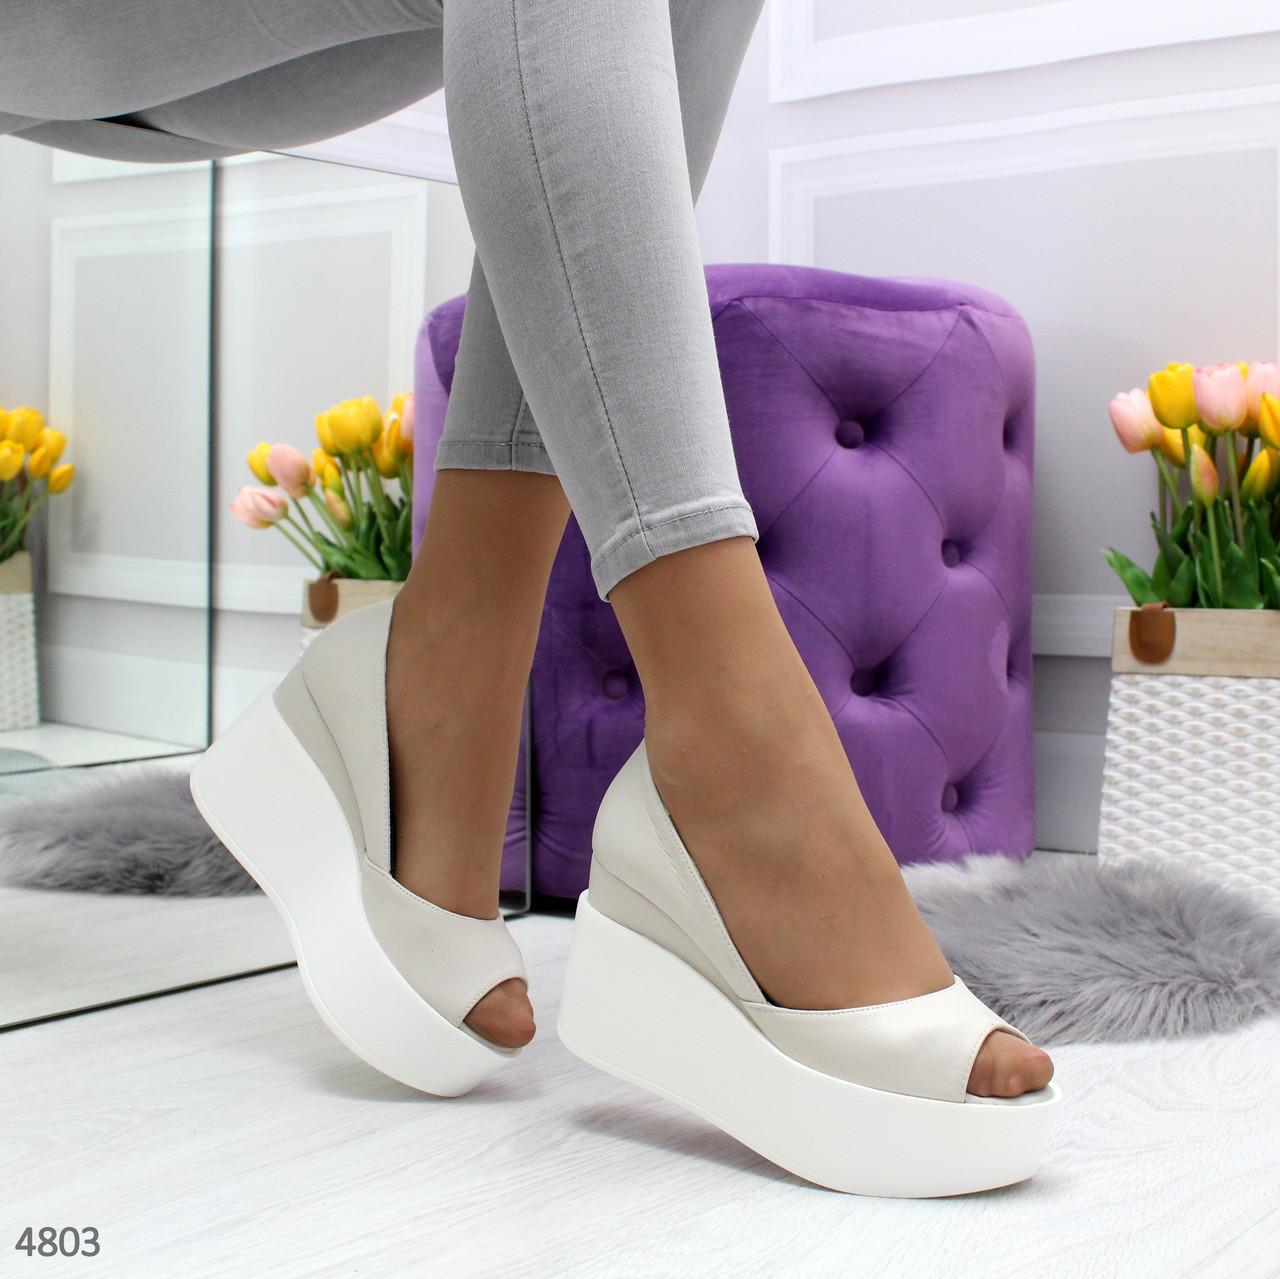 Туфли босоножки женские кожаные светлые с открытым носком на высокой платформе Claudia